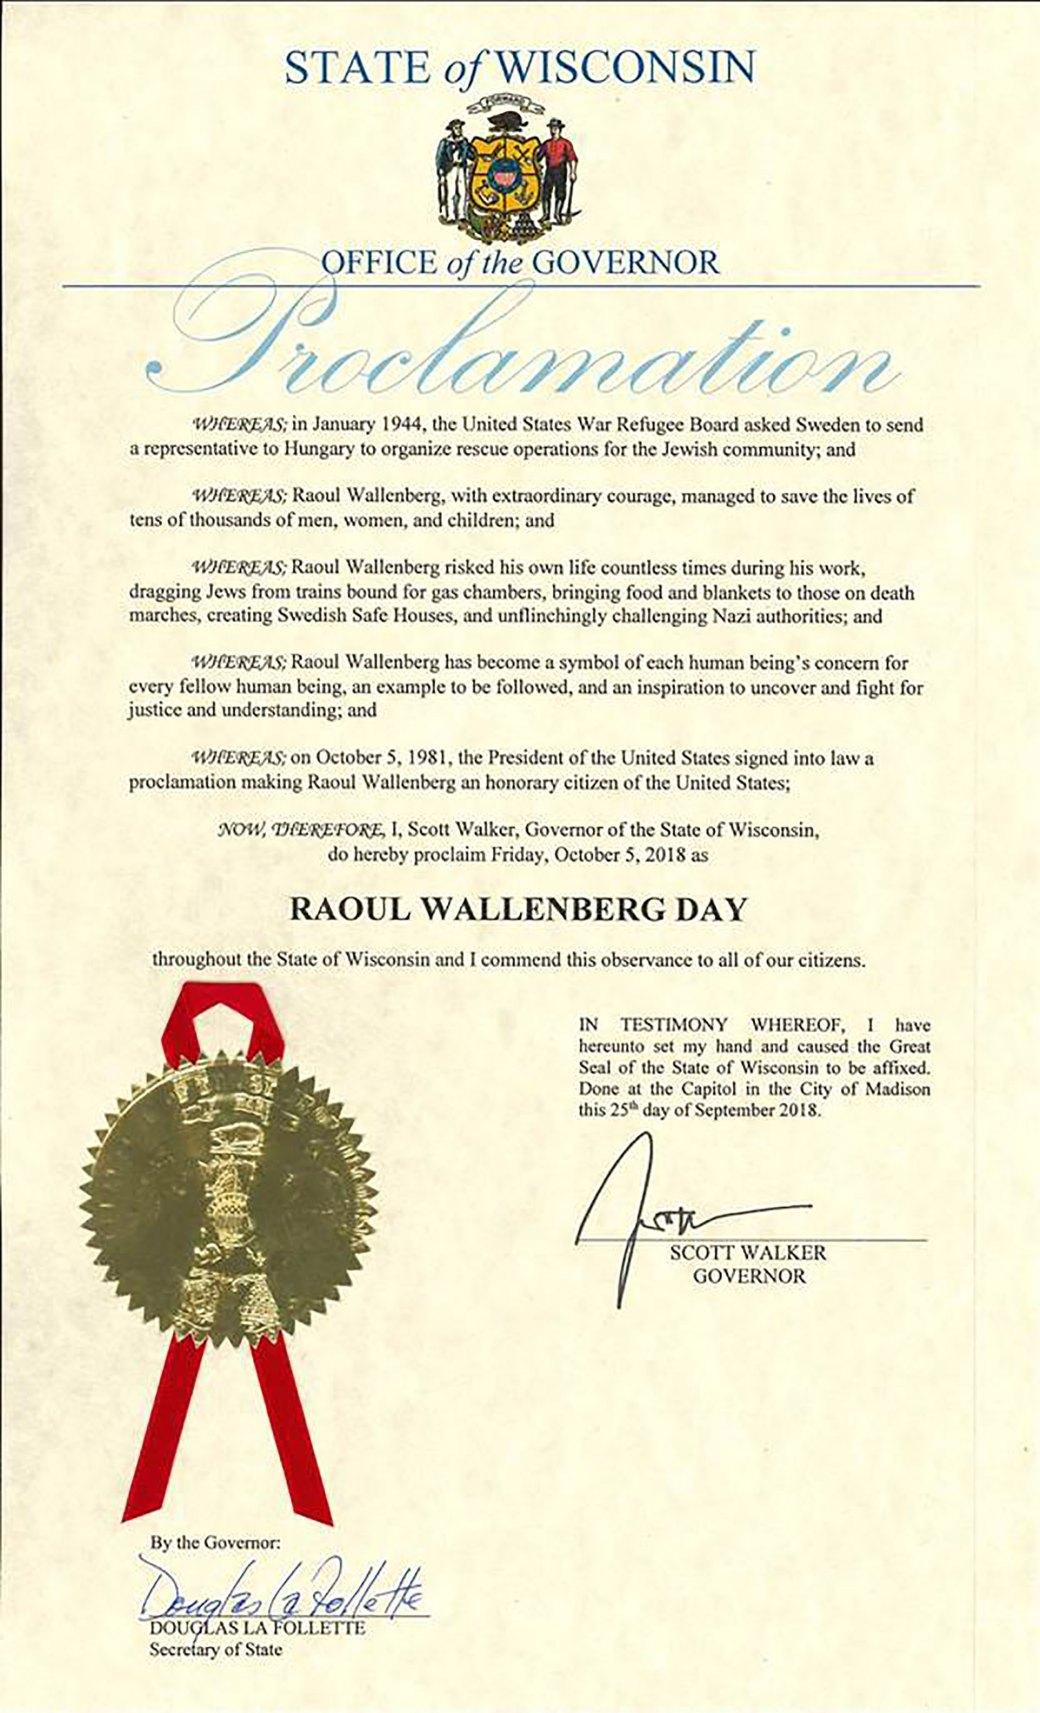 La proclamación del gobernador Scott Walker, de Wisconsin